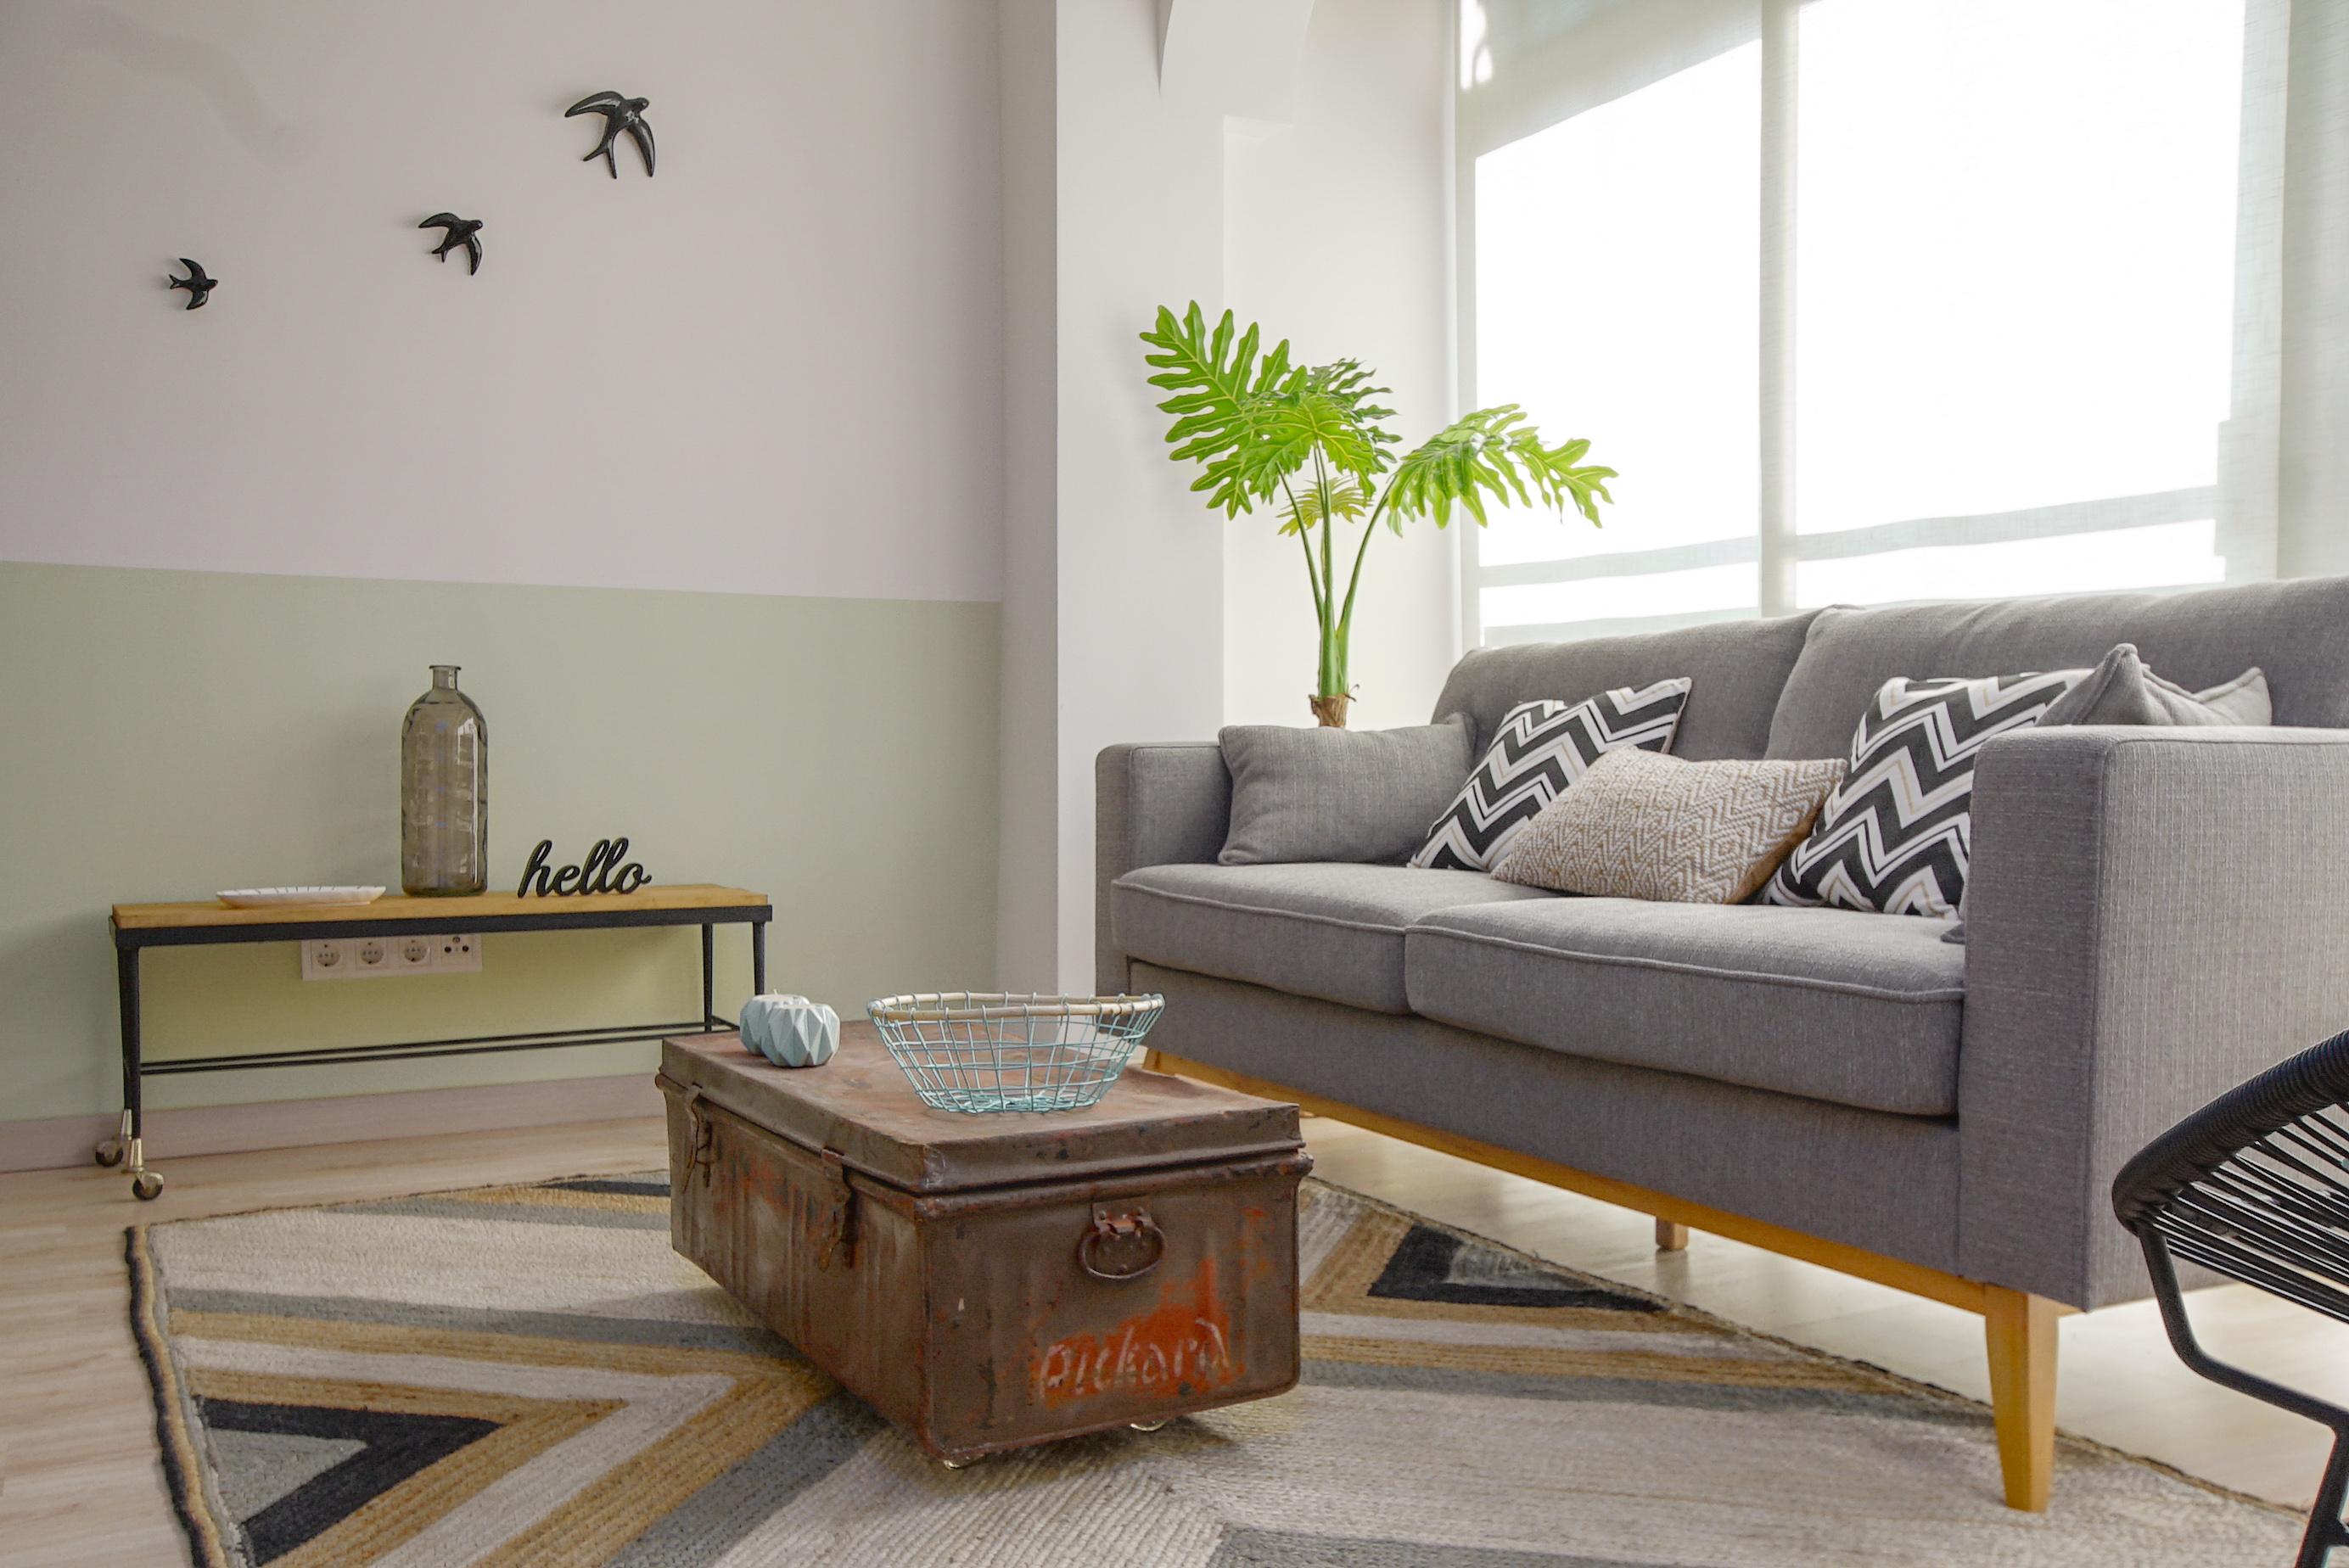 proyecto de interiorismo para vender vivienda